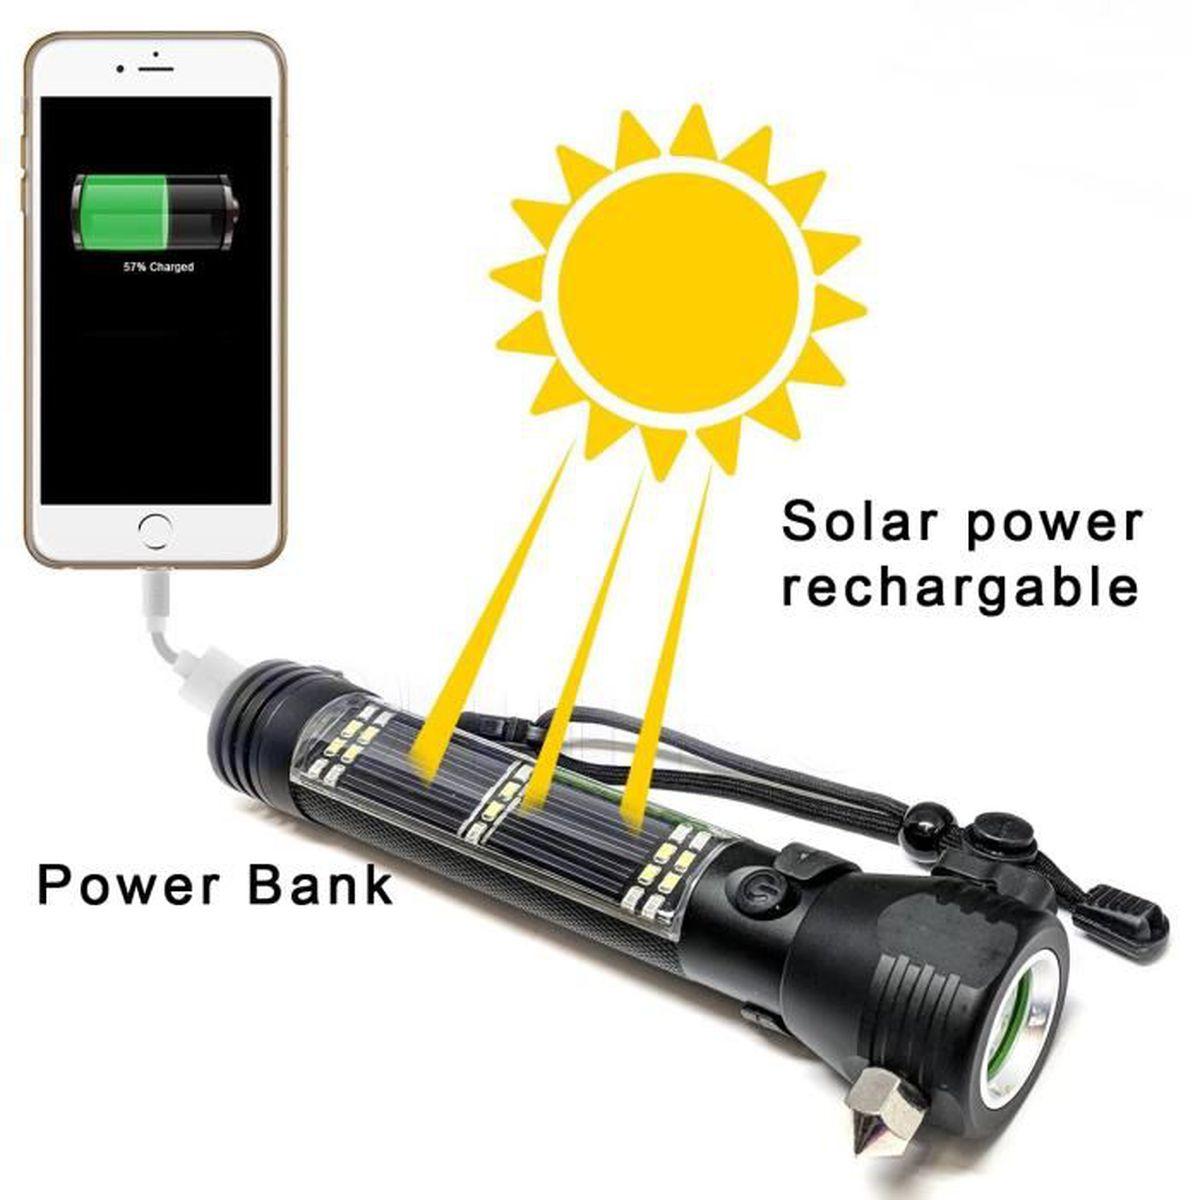 LAMPE DE POCHE Chargement USB LED à énergie solaire lampe de poch